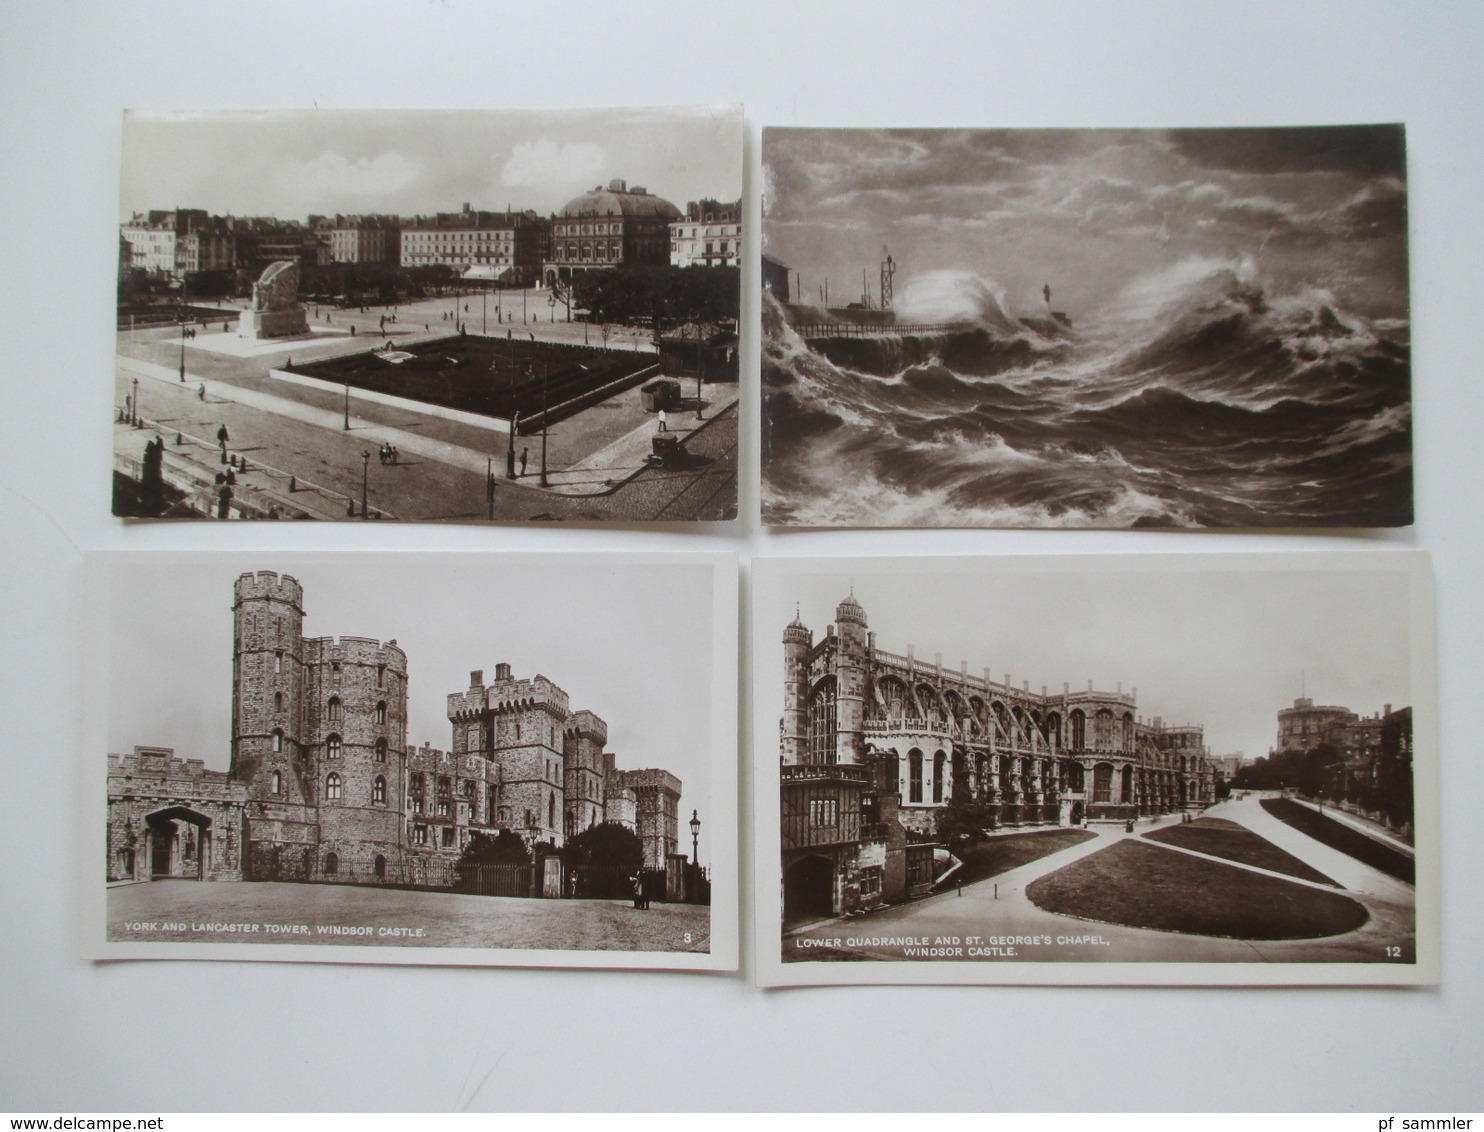 Großbritannien / UK 1905 - 30er Jahre 350 AK Viele Schöne Motive! Etliches Ungelaufen Aber Auch Viel Gelaufen! - Ansichtskarten